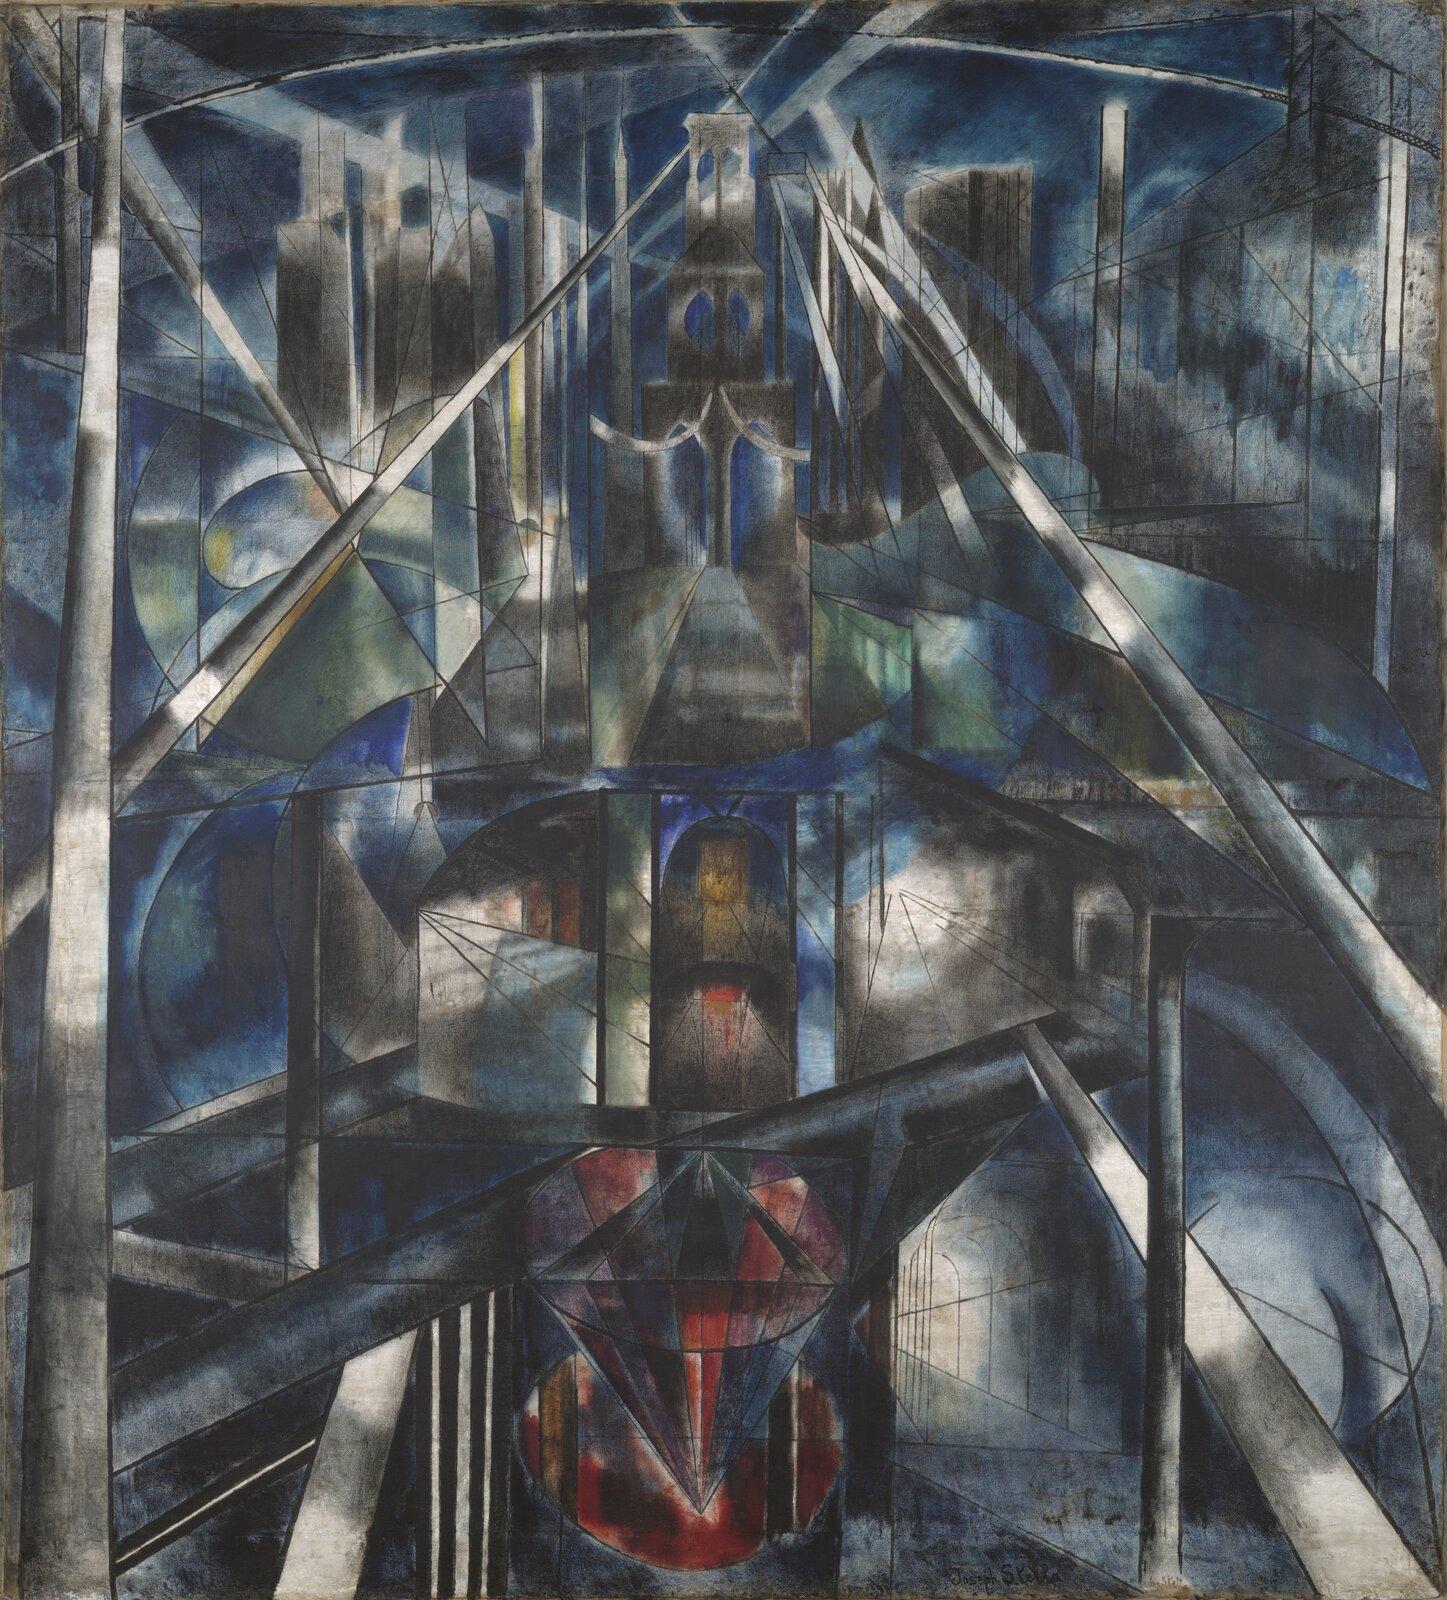 """Ilustracja przedstawia obraz Joseph Stella pt. """"Brooklyński most"""". Artysta namalował most brooklyński przy pomocy flashowania światła ipośpiechu skrzyżowanych drutów do wskazanego ruchu wprzestrzeni. Wtle widoczne są drapacze chmur na Manhattanie. Bogato zabarwiona, spękana kompozycja odzwierciedla nie tylko modernistyczne podejście, ale także przypomina witraże architektury gotyckiej. Napięte linie łączące złożoną kompozycję wydają się reprezentować psychologiczne napięcie sprzecznych stanów emocjonalnych artysty. Wtej futurystycznej interpretacji spiczaste łuki mostu są otwarte na niebo niczym ruiny gotyckiej katedry, aaluzje do witraży sugerują jego duchowe objawienie. Wdziele przeważają barwy czarne, niebieskiego oraz odcienie zieleni iczerwieni."""